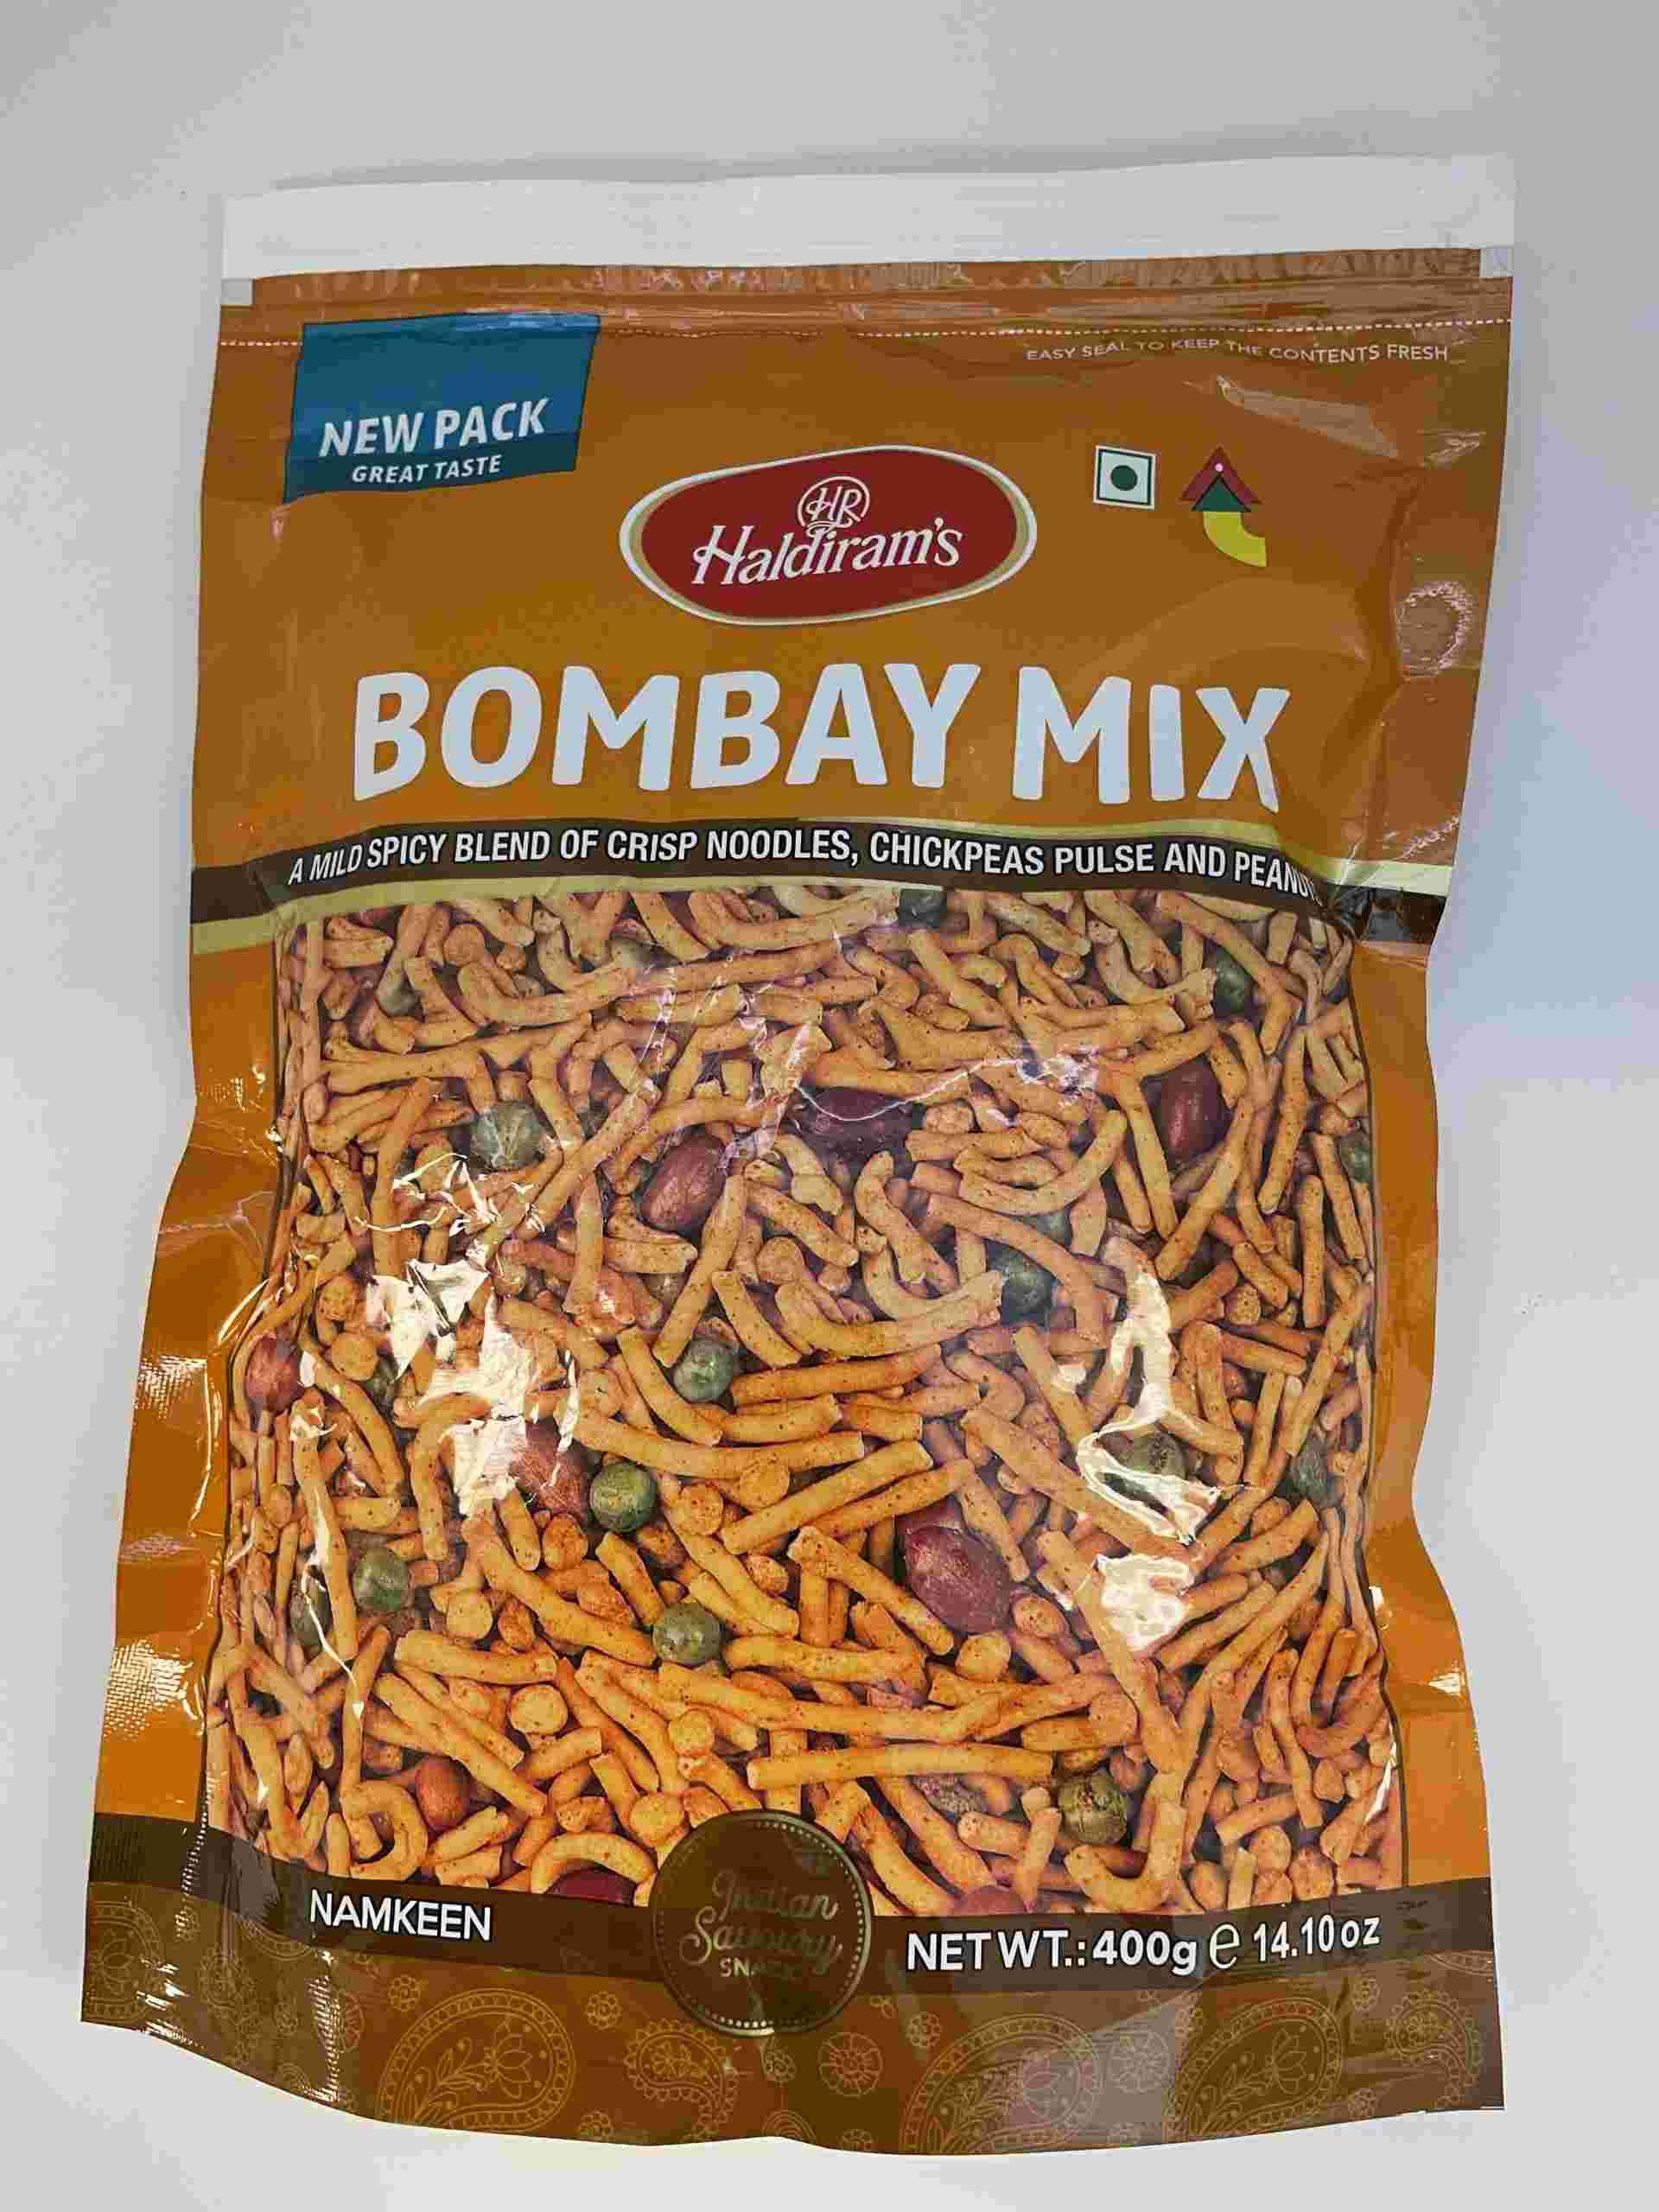 Haldiram's BOMBAY MIX